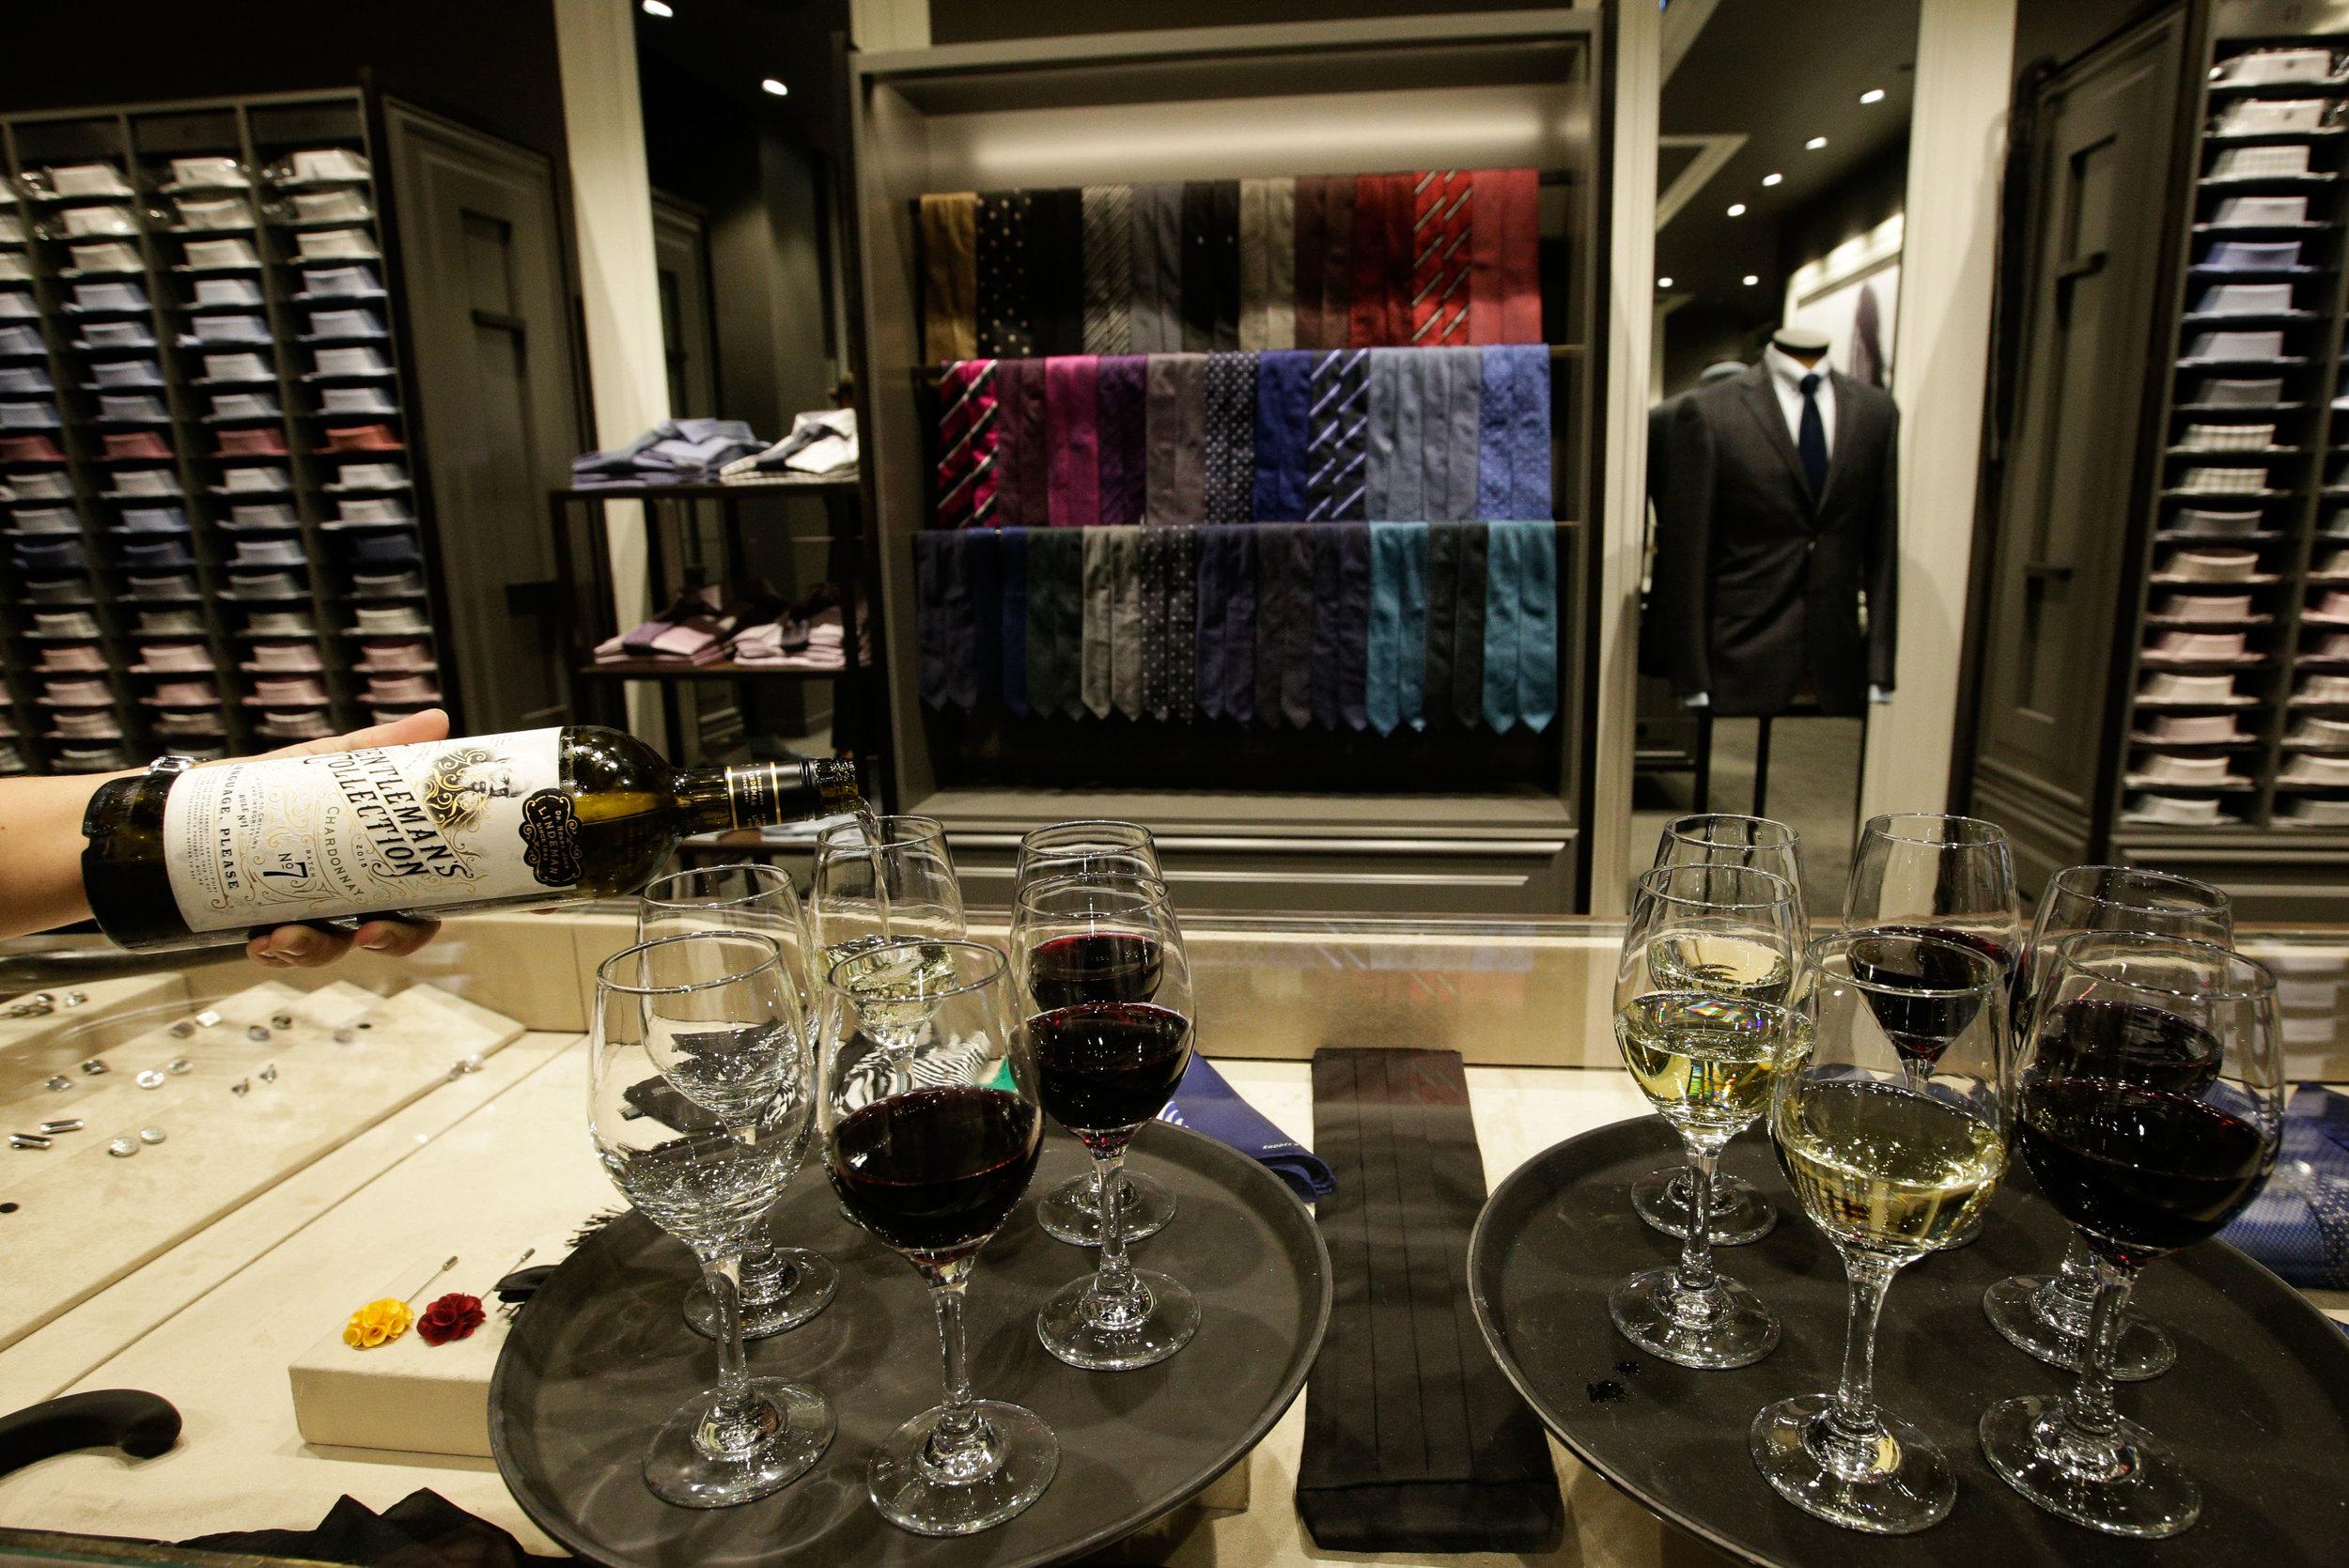 gentlemans-collection-series-2-2016-rhodes-and-beckett-interior-1.jpg